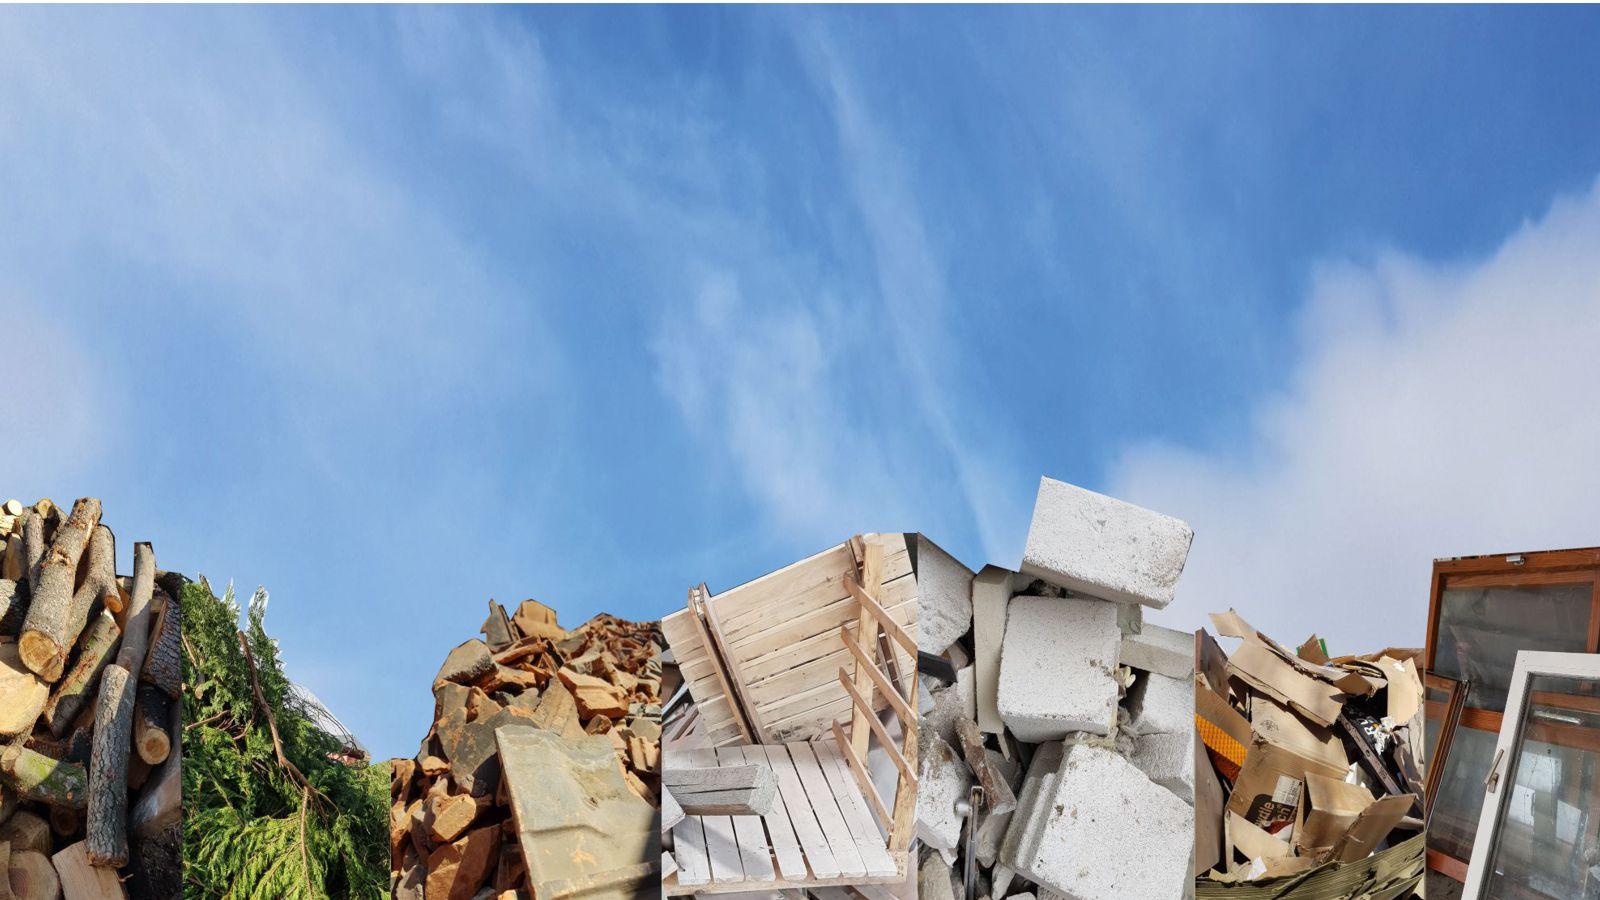 Abfallarten Holz, Grünabfälle, Bauschutt, Erde und Baumisch